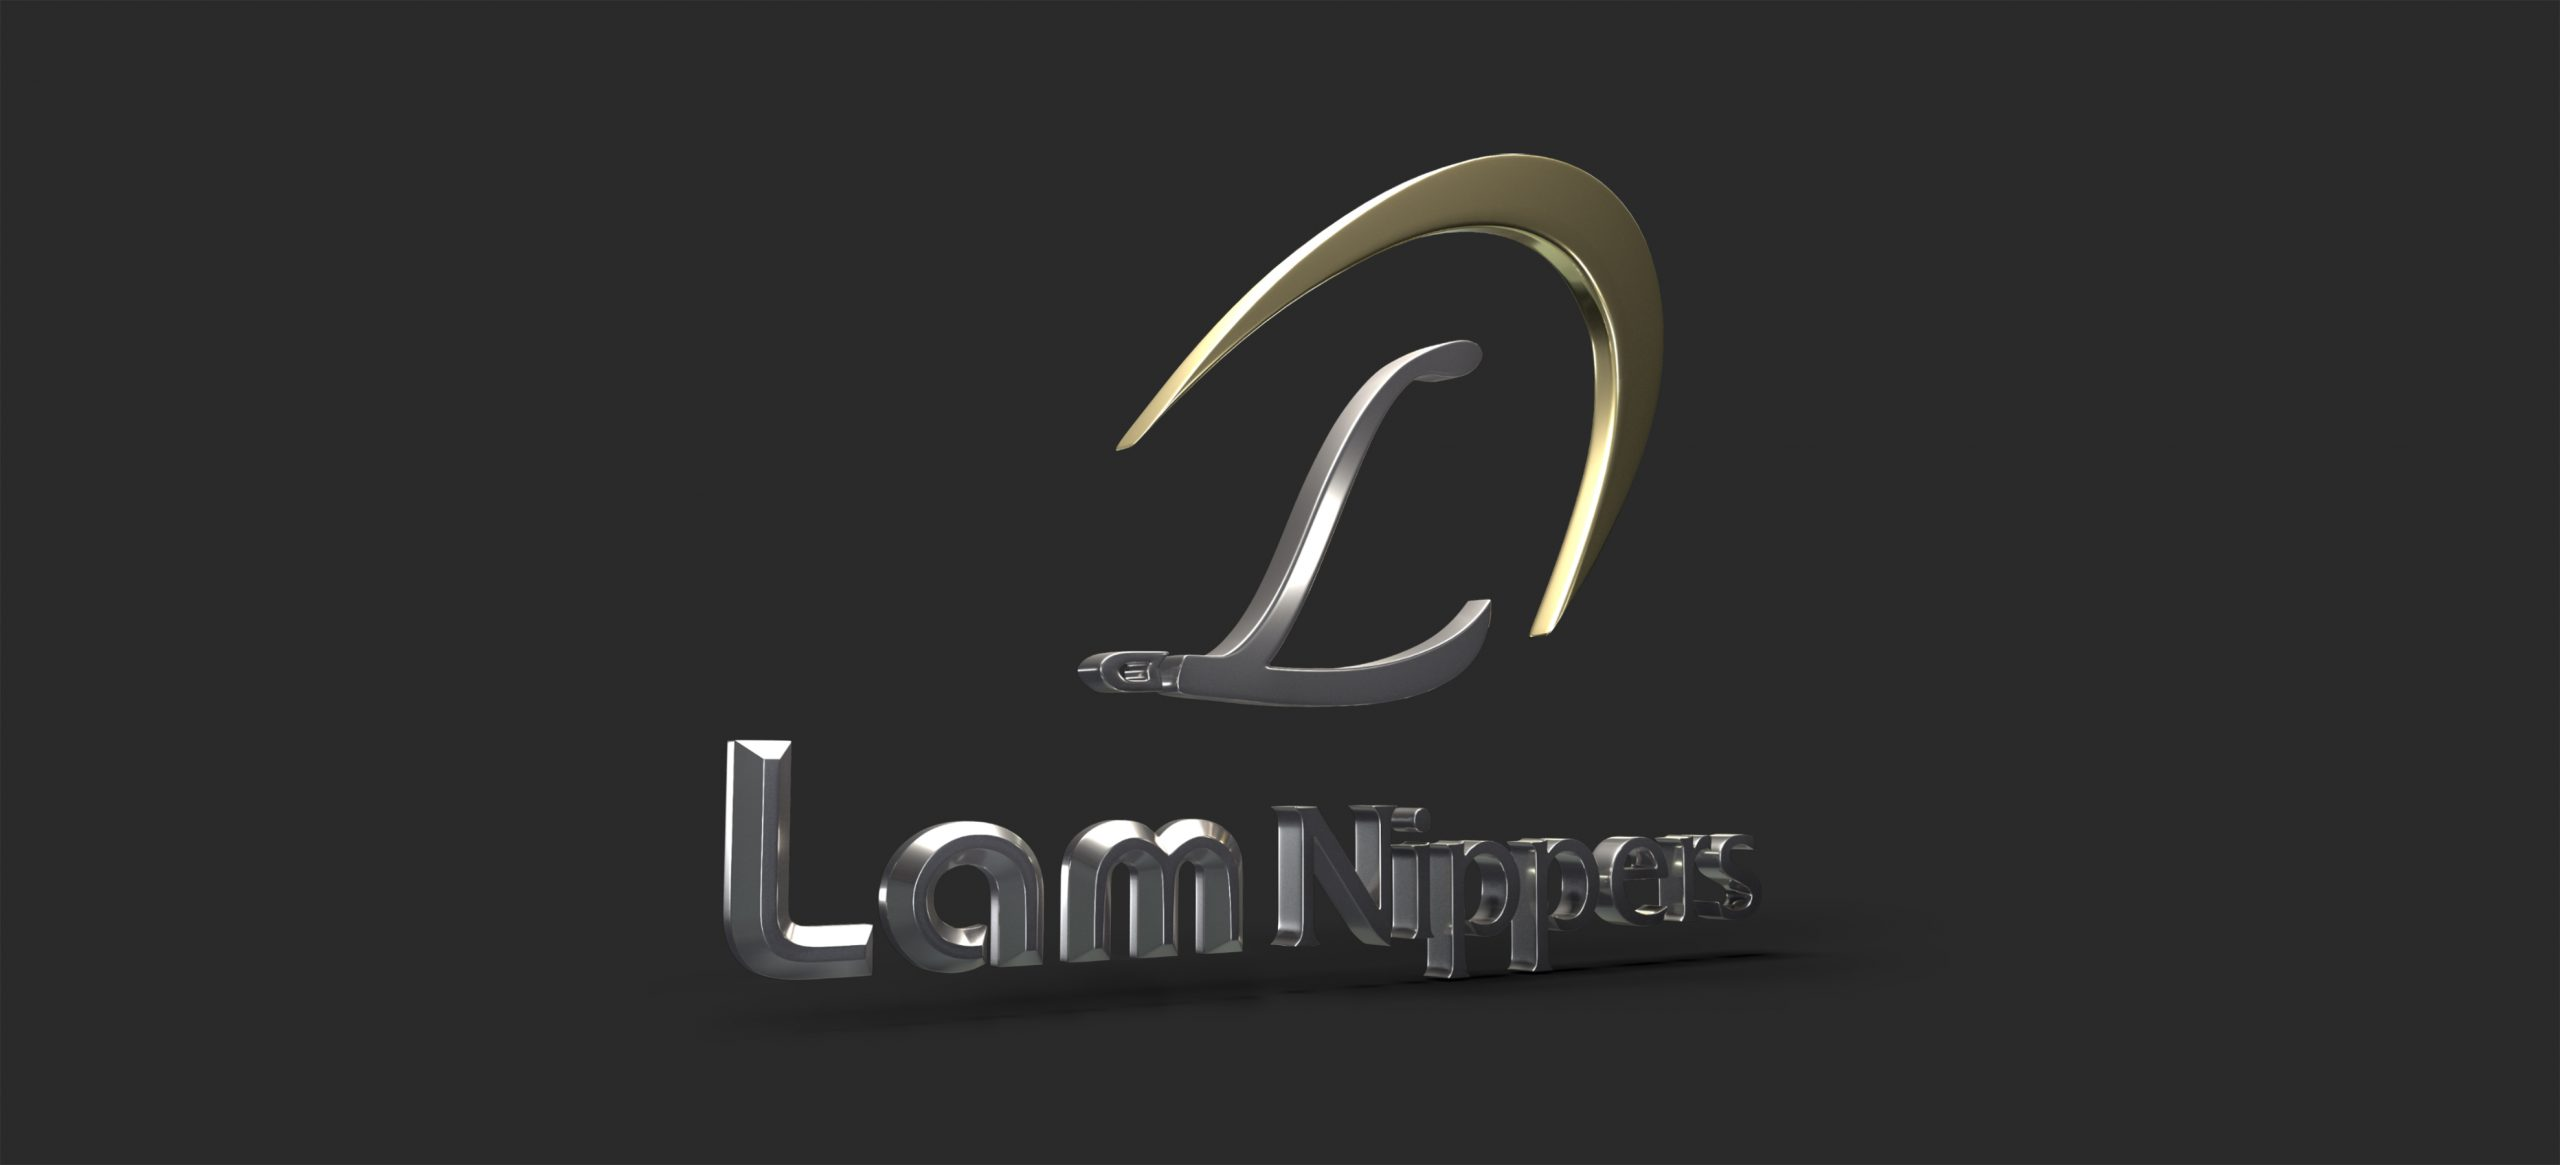 lam 3232322